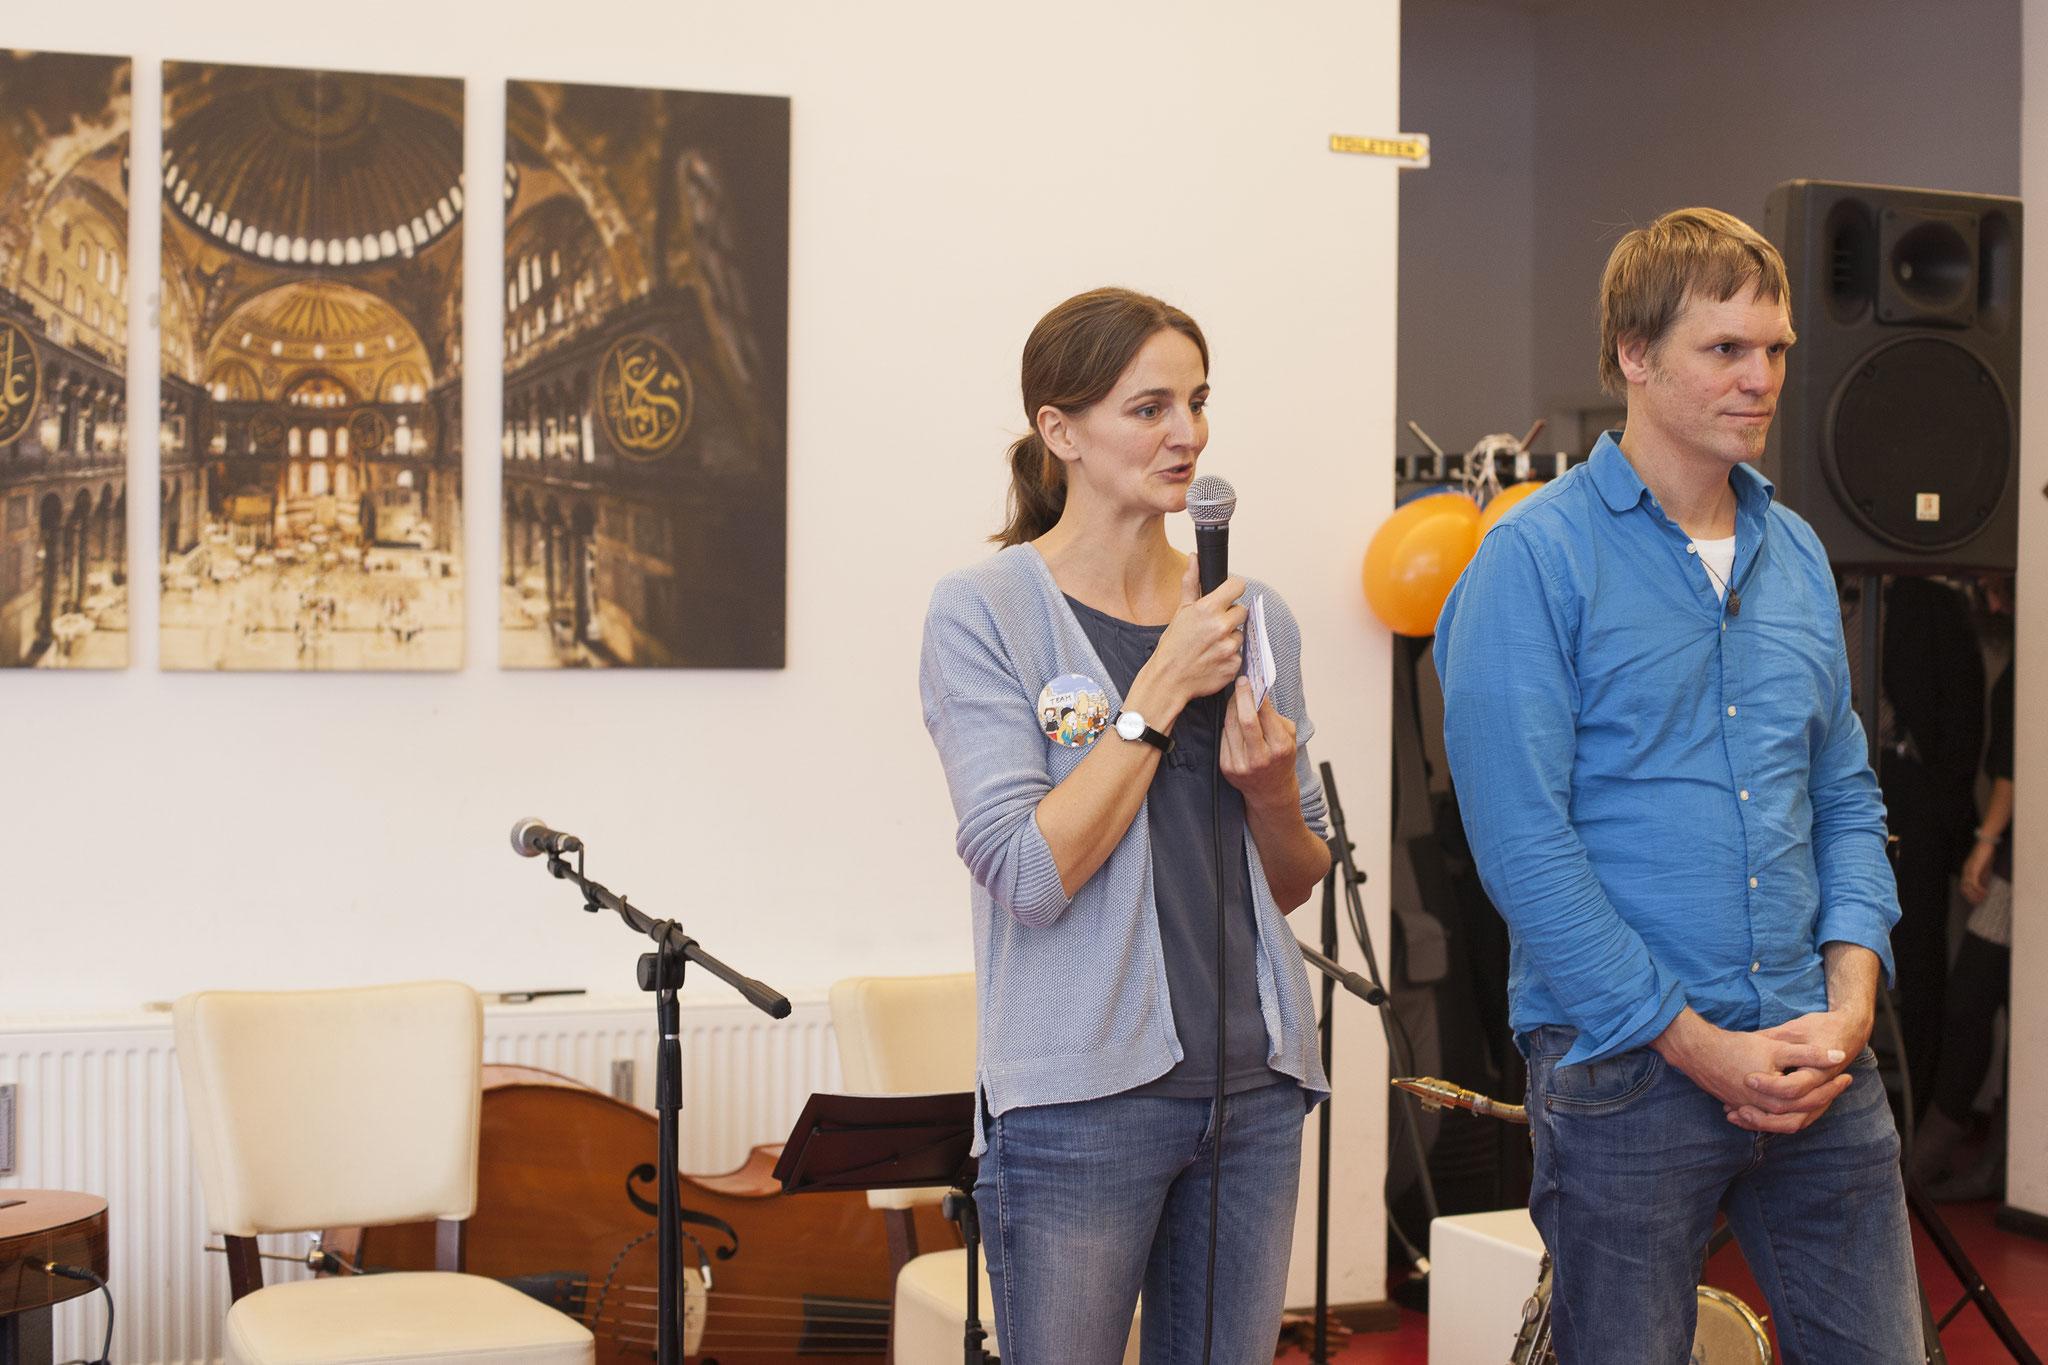 Begrüßung durch Florian Limberg und  Sebastian Teutsch (Kirschendieb & Perlensucher Kulturprojekte), Foto: Patricia Schichl